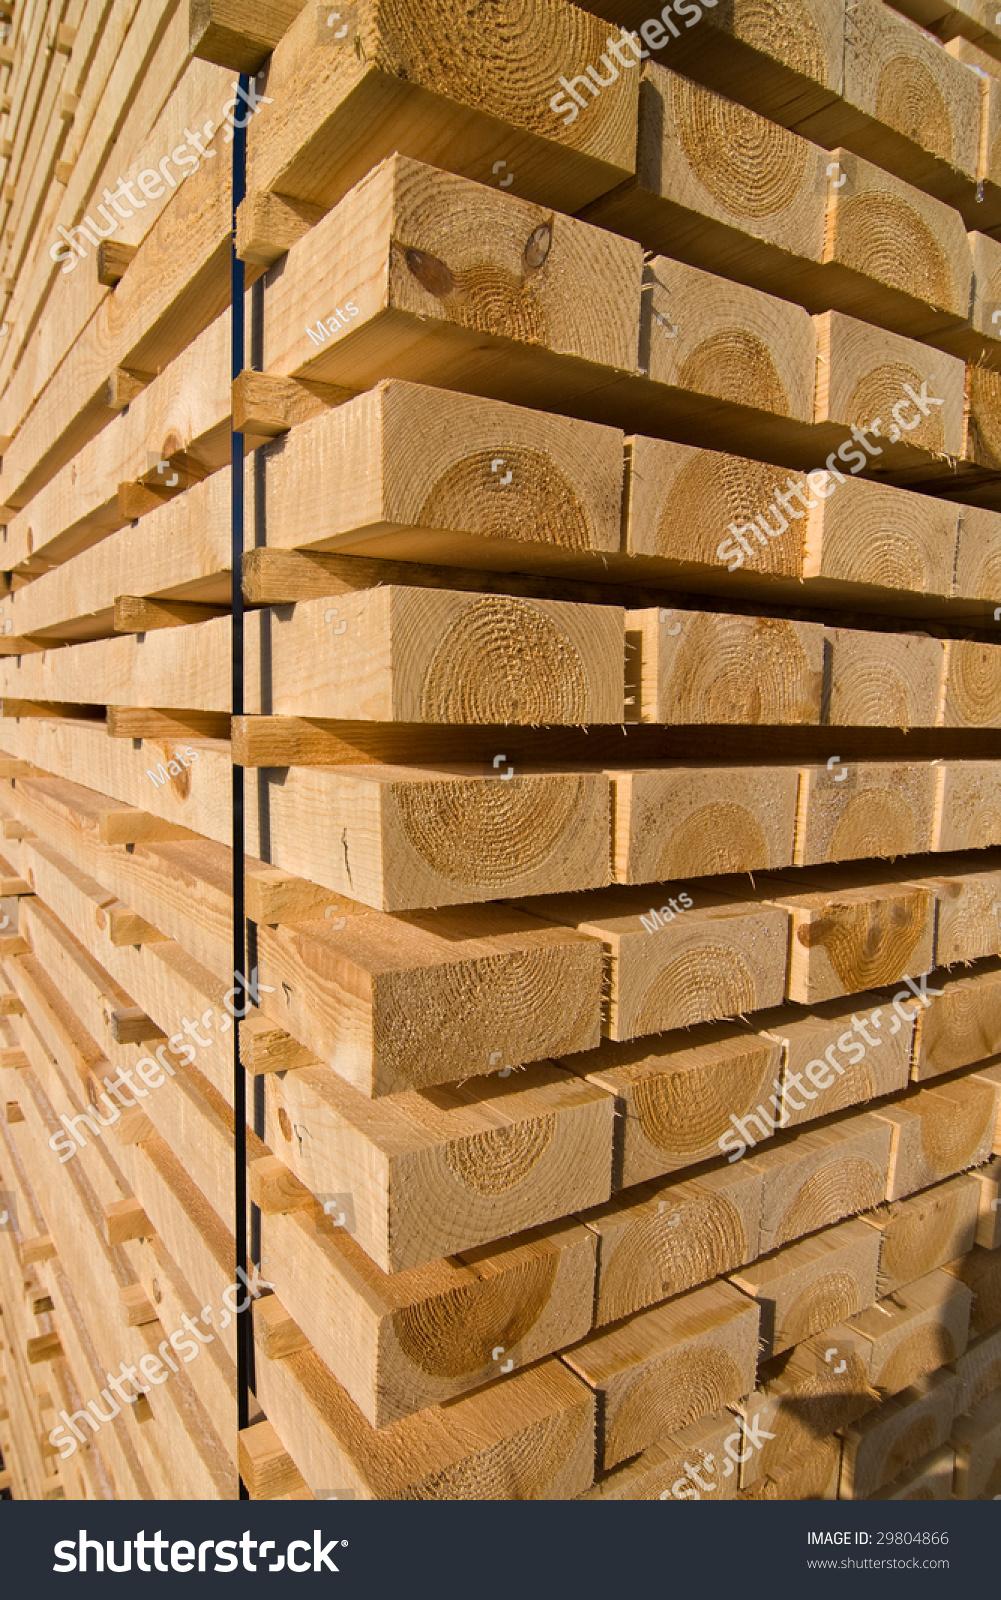 成堆的松木板堆干燥-背景/素材